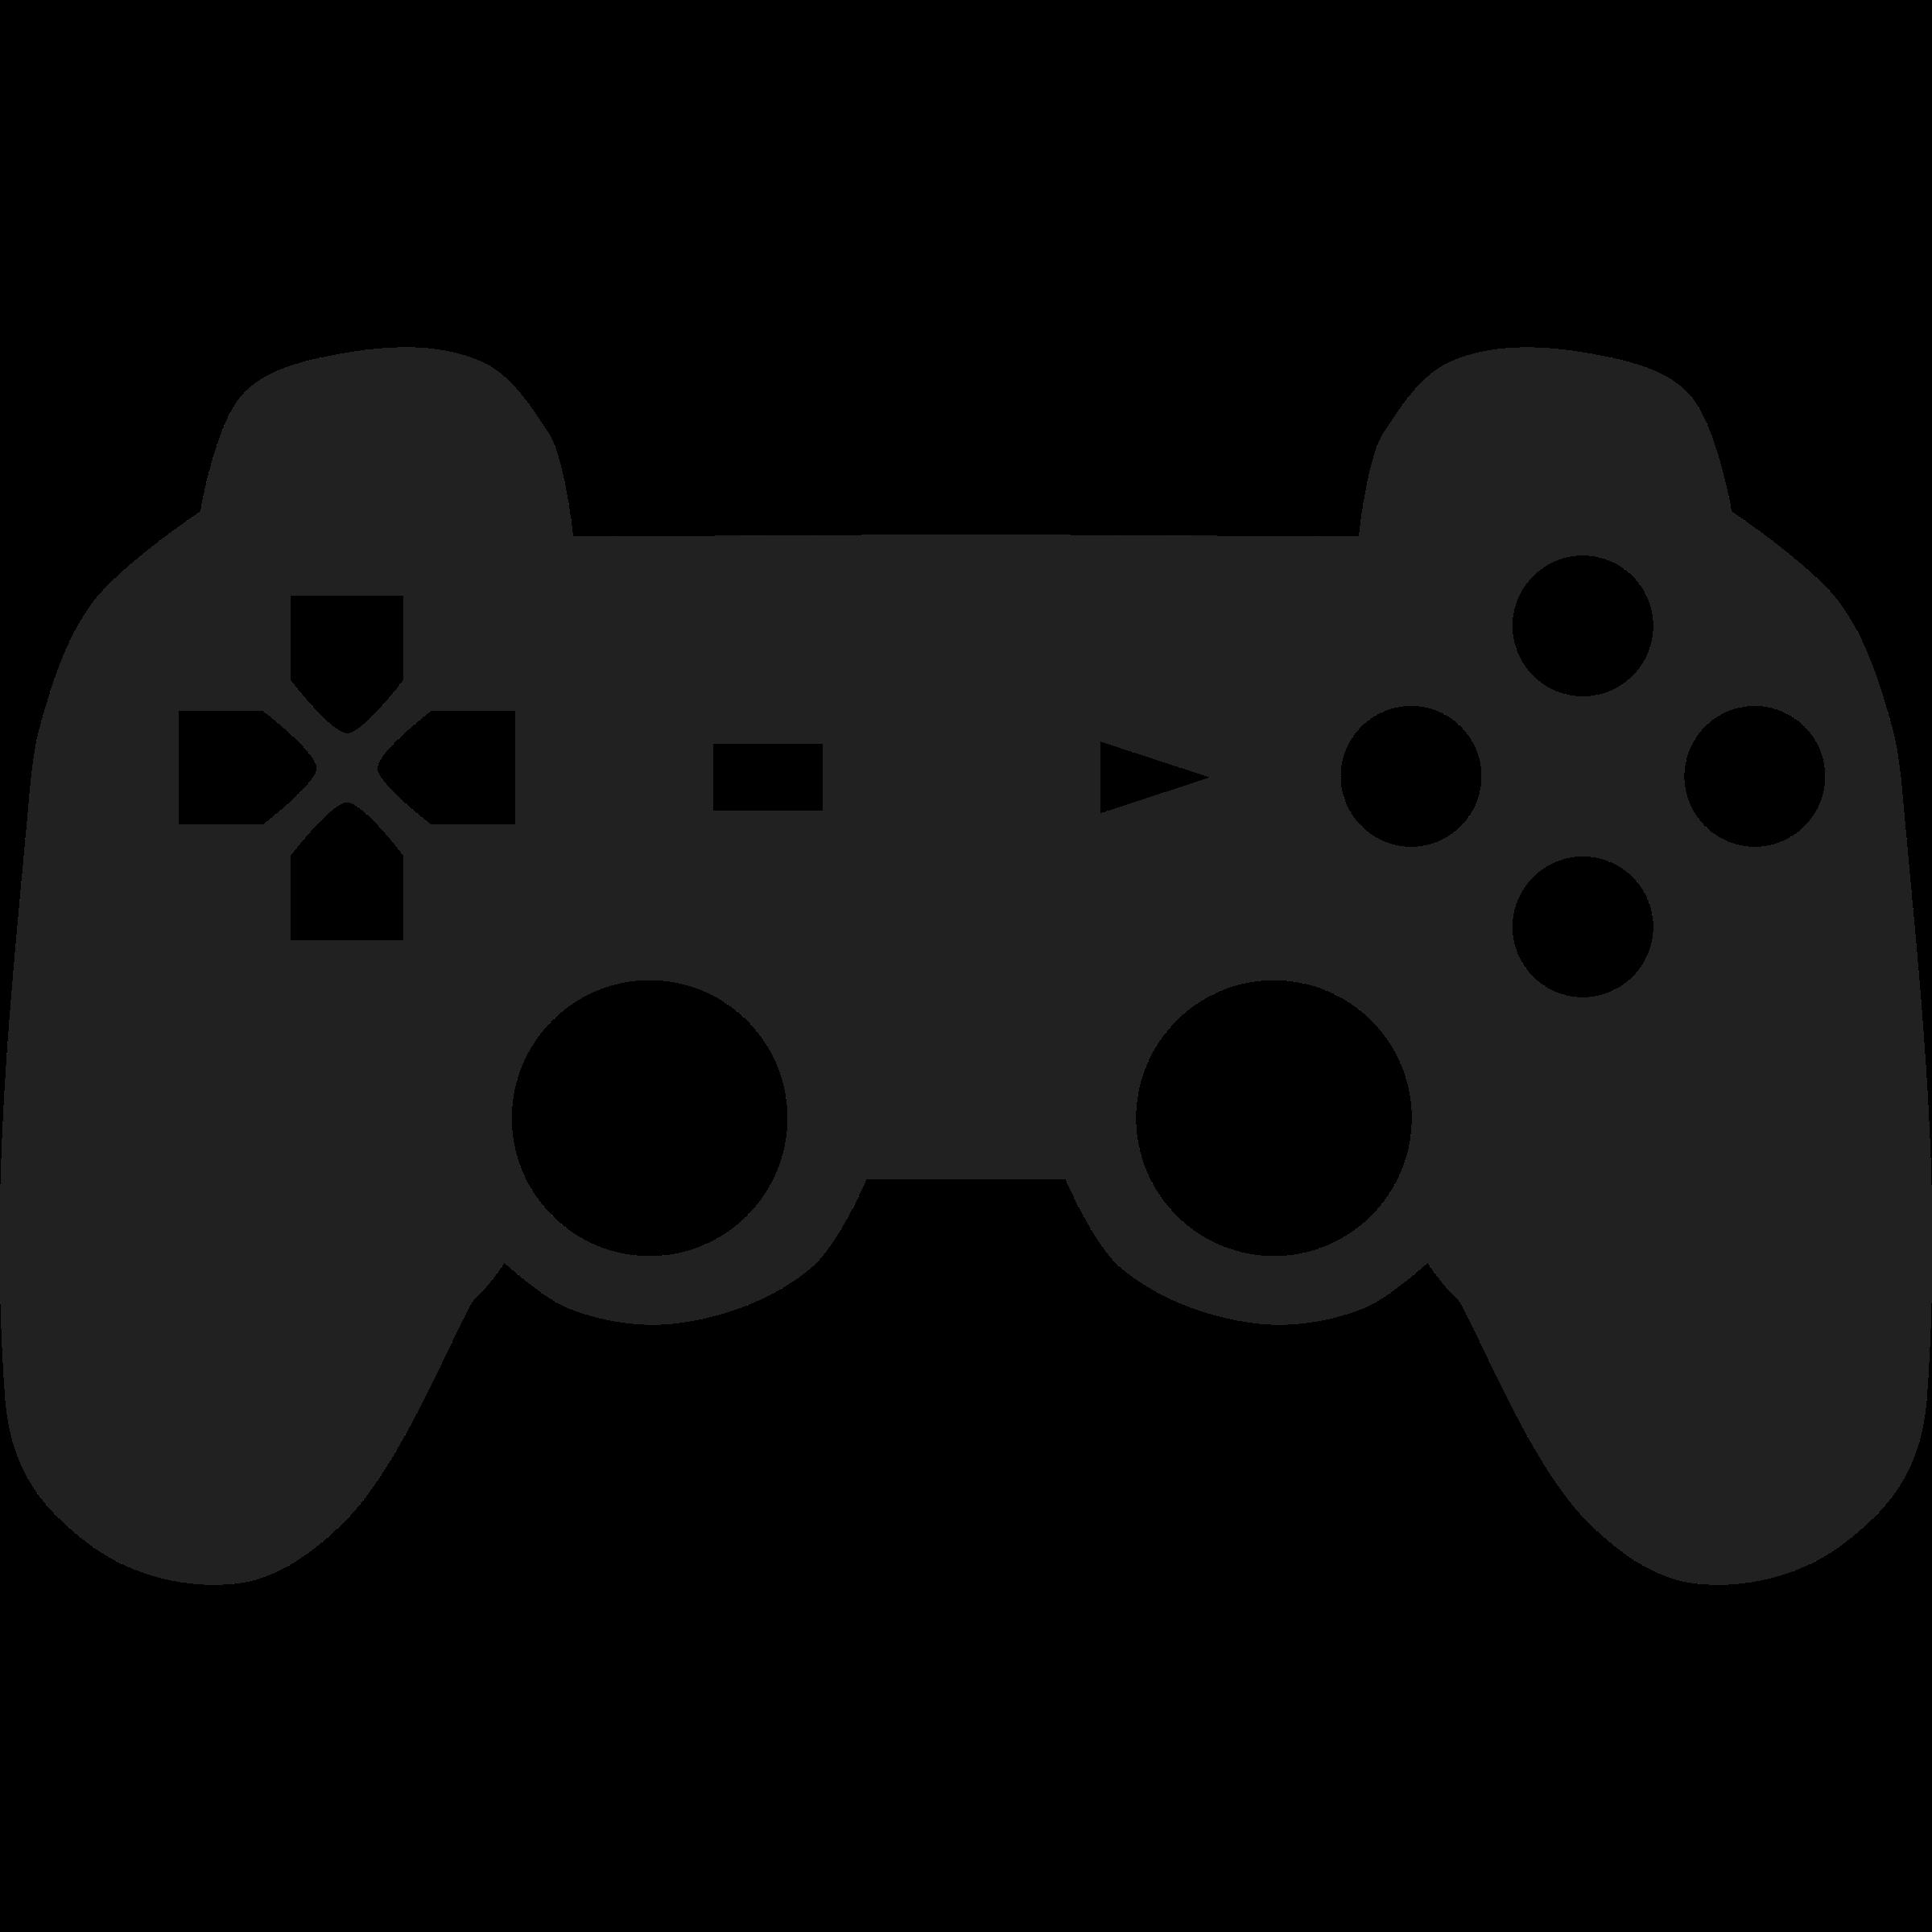 joypad.png 2,400×2,400 pixels Video game crafts, Video